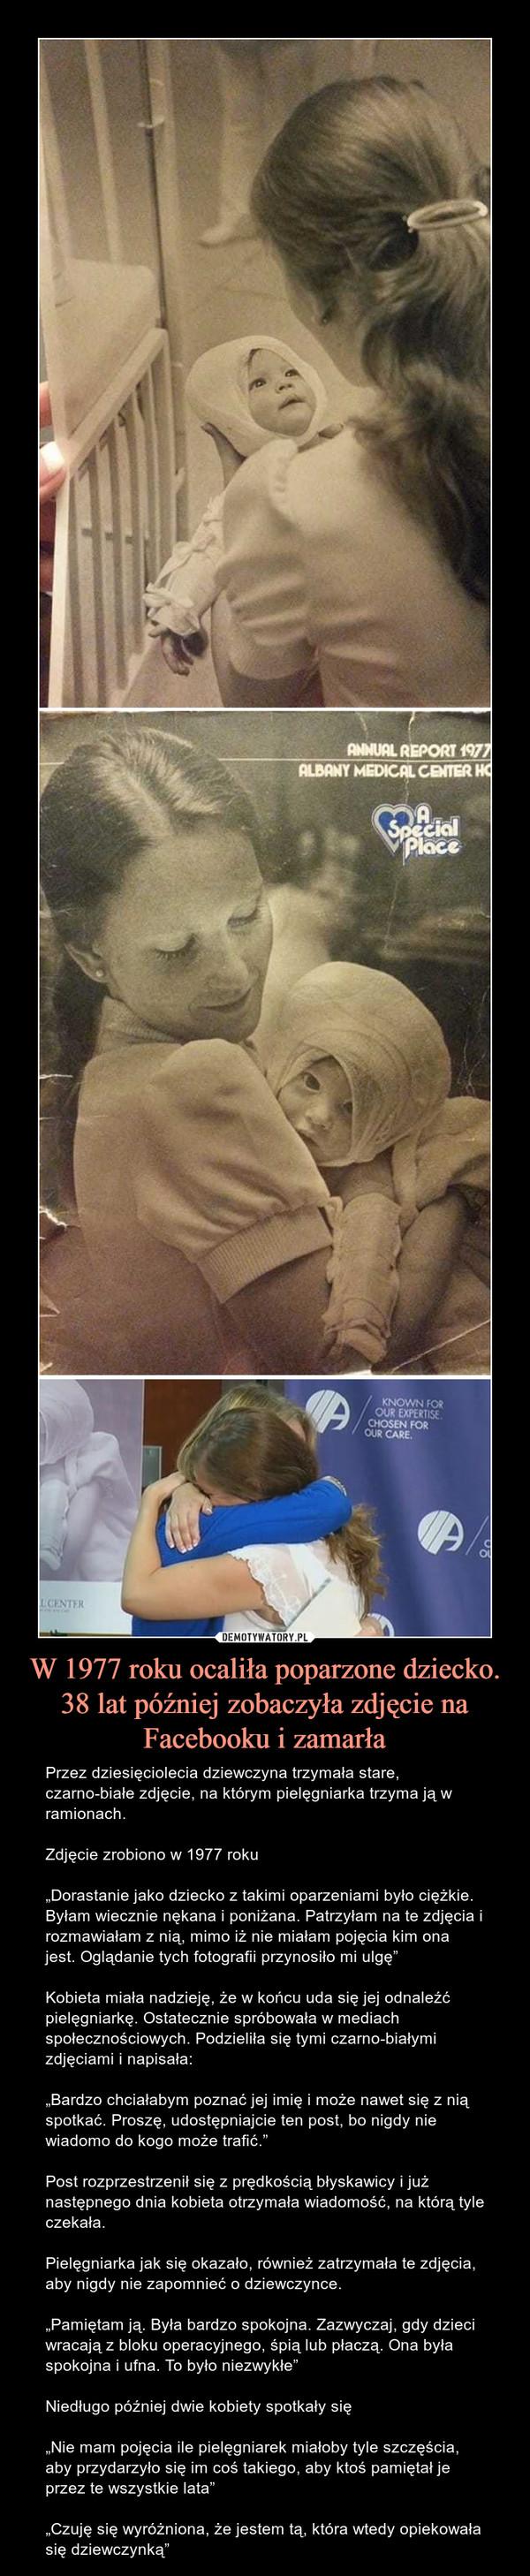 """W 1977 roku ocaliła poparzone dziecko.38 lat później zobaczyła zdjęcie na Facebooku i zamarła – Przez dziesięciolecia dziewczyna trzymała stare, czarno-białe zdjęcie, na którym pielęgniarka trzyma ją w ramionach.Zdjęcie zrobiono w 1977 roku""""Dorastanie jako dziecko z takimi oparzeniami było ciężkie. Byłam wiecznie nękana i poniżana. Patrzyłam na te zdjęcia i rozmawiałam z nią, mimo iż nie miałam pojęcia kim ona jest. Oglądanie tych fotografii przynosiło mi ulgę""""Kobieta miała nadzieję, że w końcu uda się jej odnaleźć pielęgniarkę. Ostatecznie spróbowała w mediach społecznościowych. Podzieliła się tymi czarno-białymi zdjęciami i napisała:""""Bardzo chciałabym poznać jej imię i może nawet się z nią spotkać. Proszę, udostępniajcie ten post, bo nigdy nie wiadomo do kogo może trafić.""""Post rozprzestrzenił się z prędkością błyskawicy i już następnego dnia kobieta otrzymała wiadomość, na którą tyle czekała.Pielęgniarka jak się okazało, również zatrzymała te zdjęcia, aby nigdy nie zapomnieć o dziewczynce.""""Pamiętam ją. Była bardzo spokojna. Zazwyczaj, gdy dzieci wracają z bloku operacyjnego, śpią lub płaczą. Ona była spokojna i ufna. To było niezwykłe""""Niedługo później dwie kobiety spotkały się""""Nie mam pojęcia ile pielęgniarek miałoby tyle szczęścia, aby przydarzyło się im coś takiego, aby ktoś pamiętał je przez te wszystkie lata""""""""Czuję się wyróżniona, że jestem tą, która wtedy opiekowała się dziewczynką"""""""